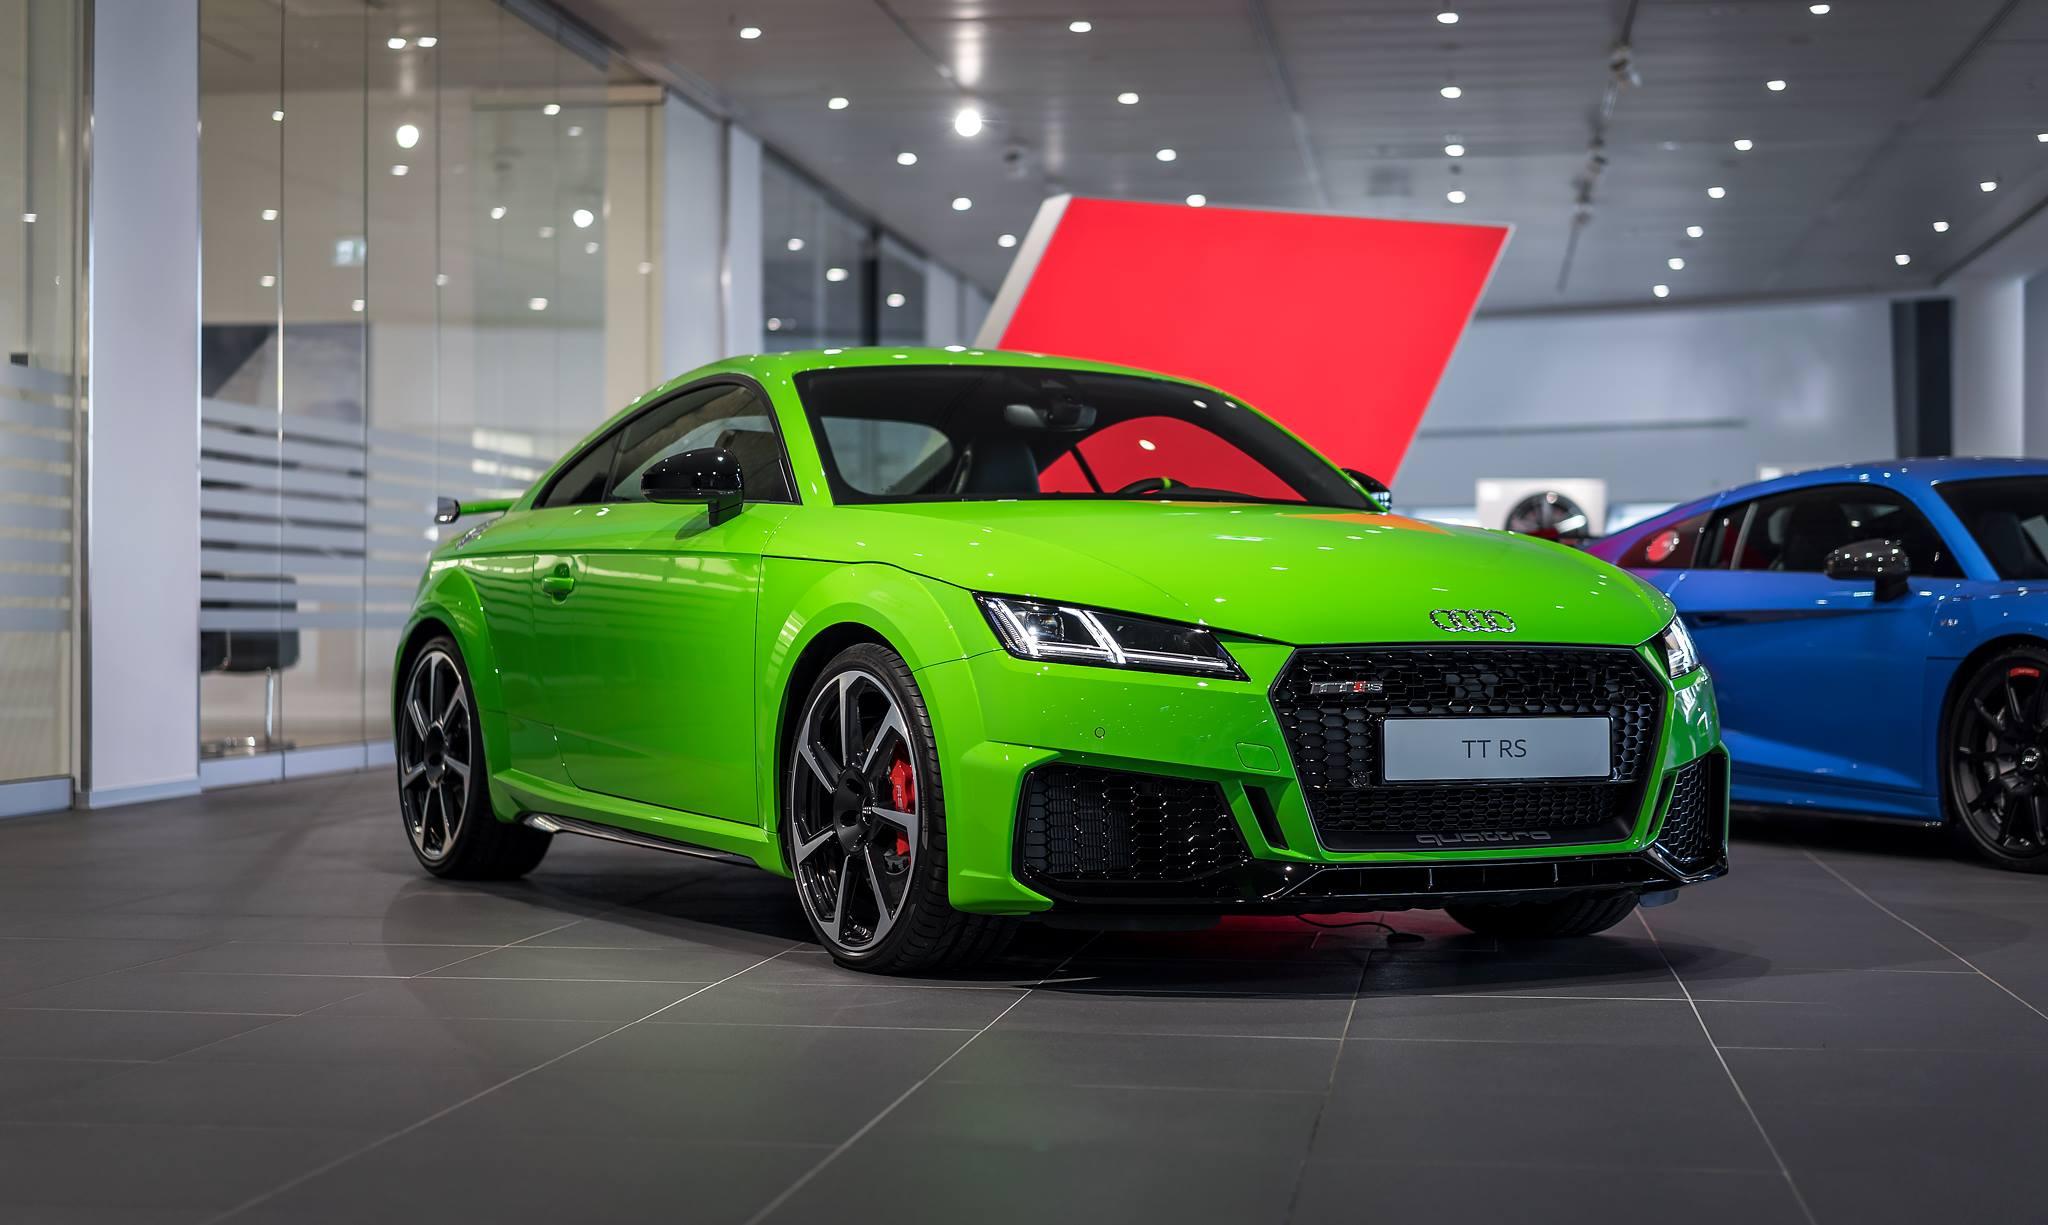 Green Audi TT RSi (1)